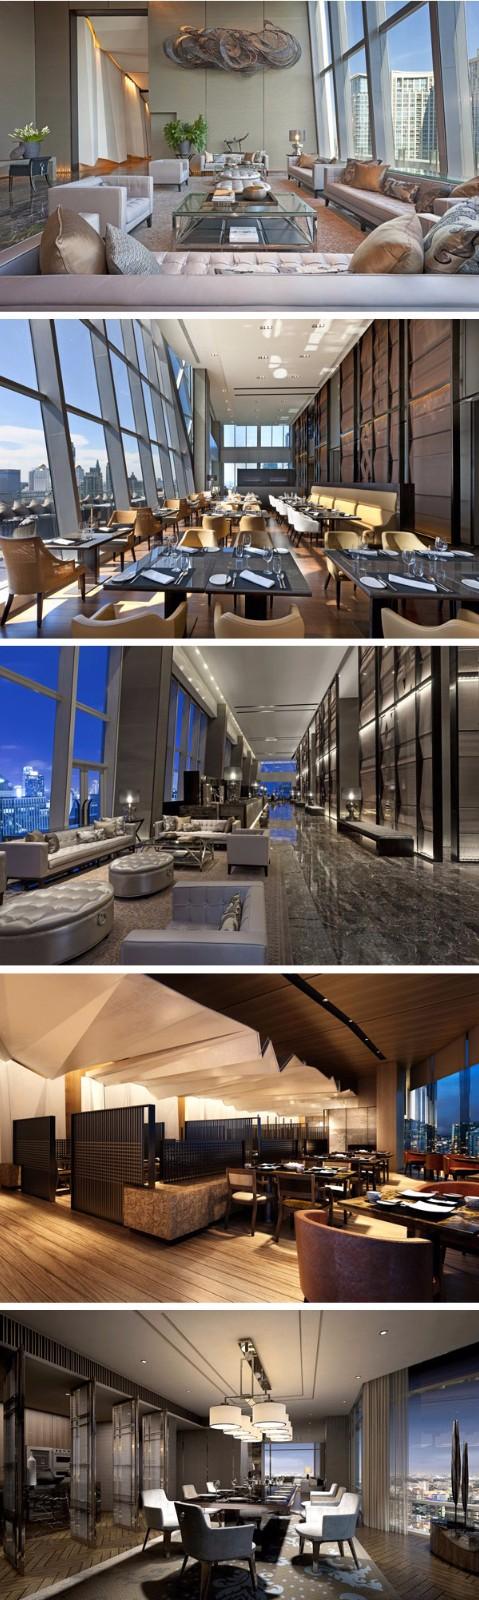 精品酒店设计和装修